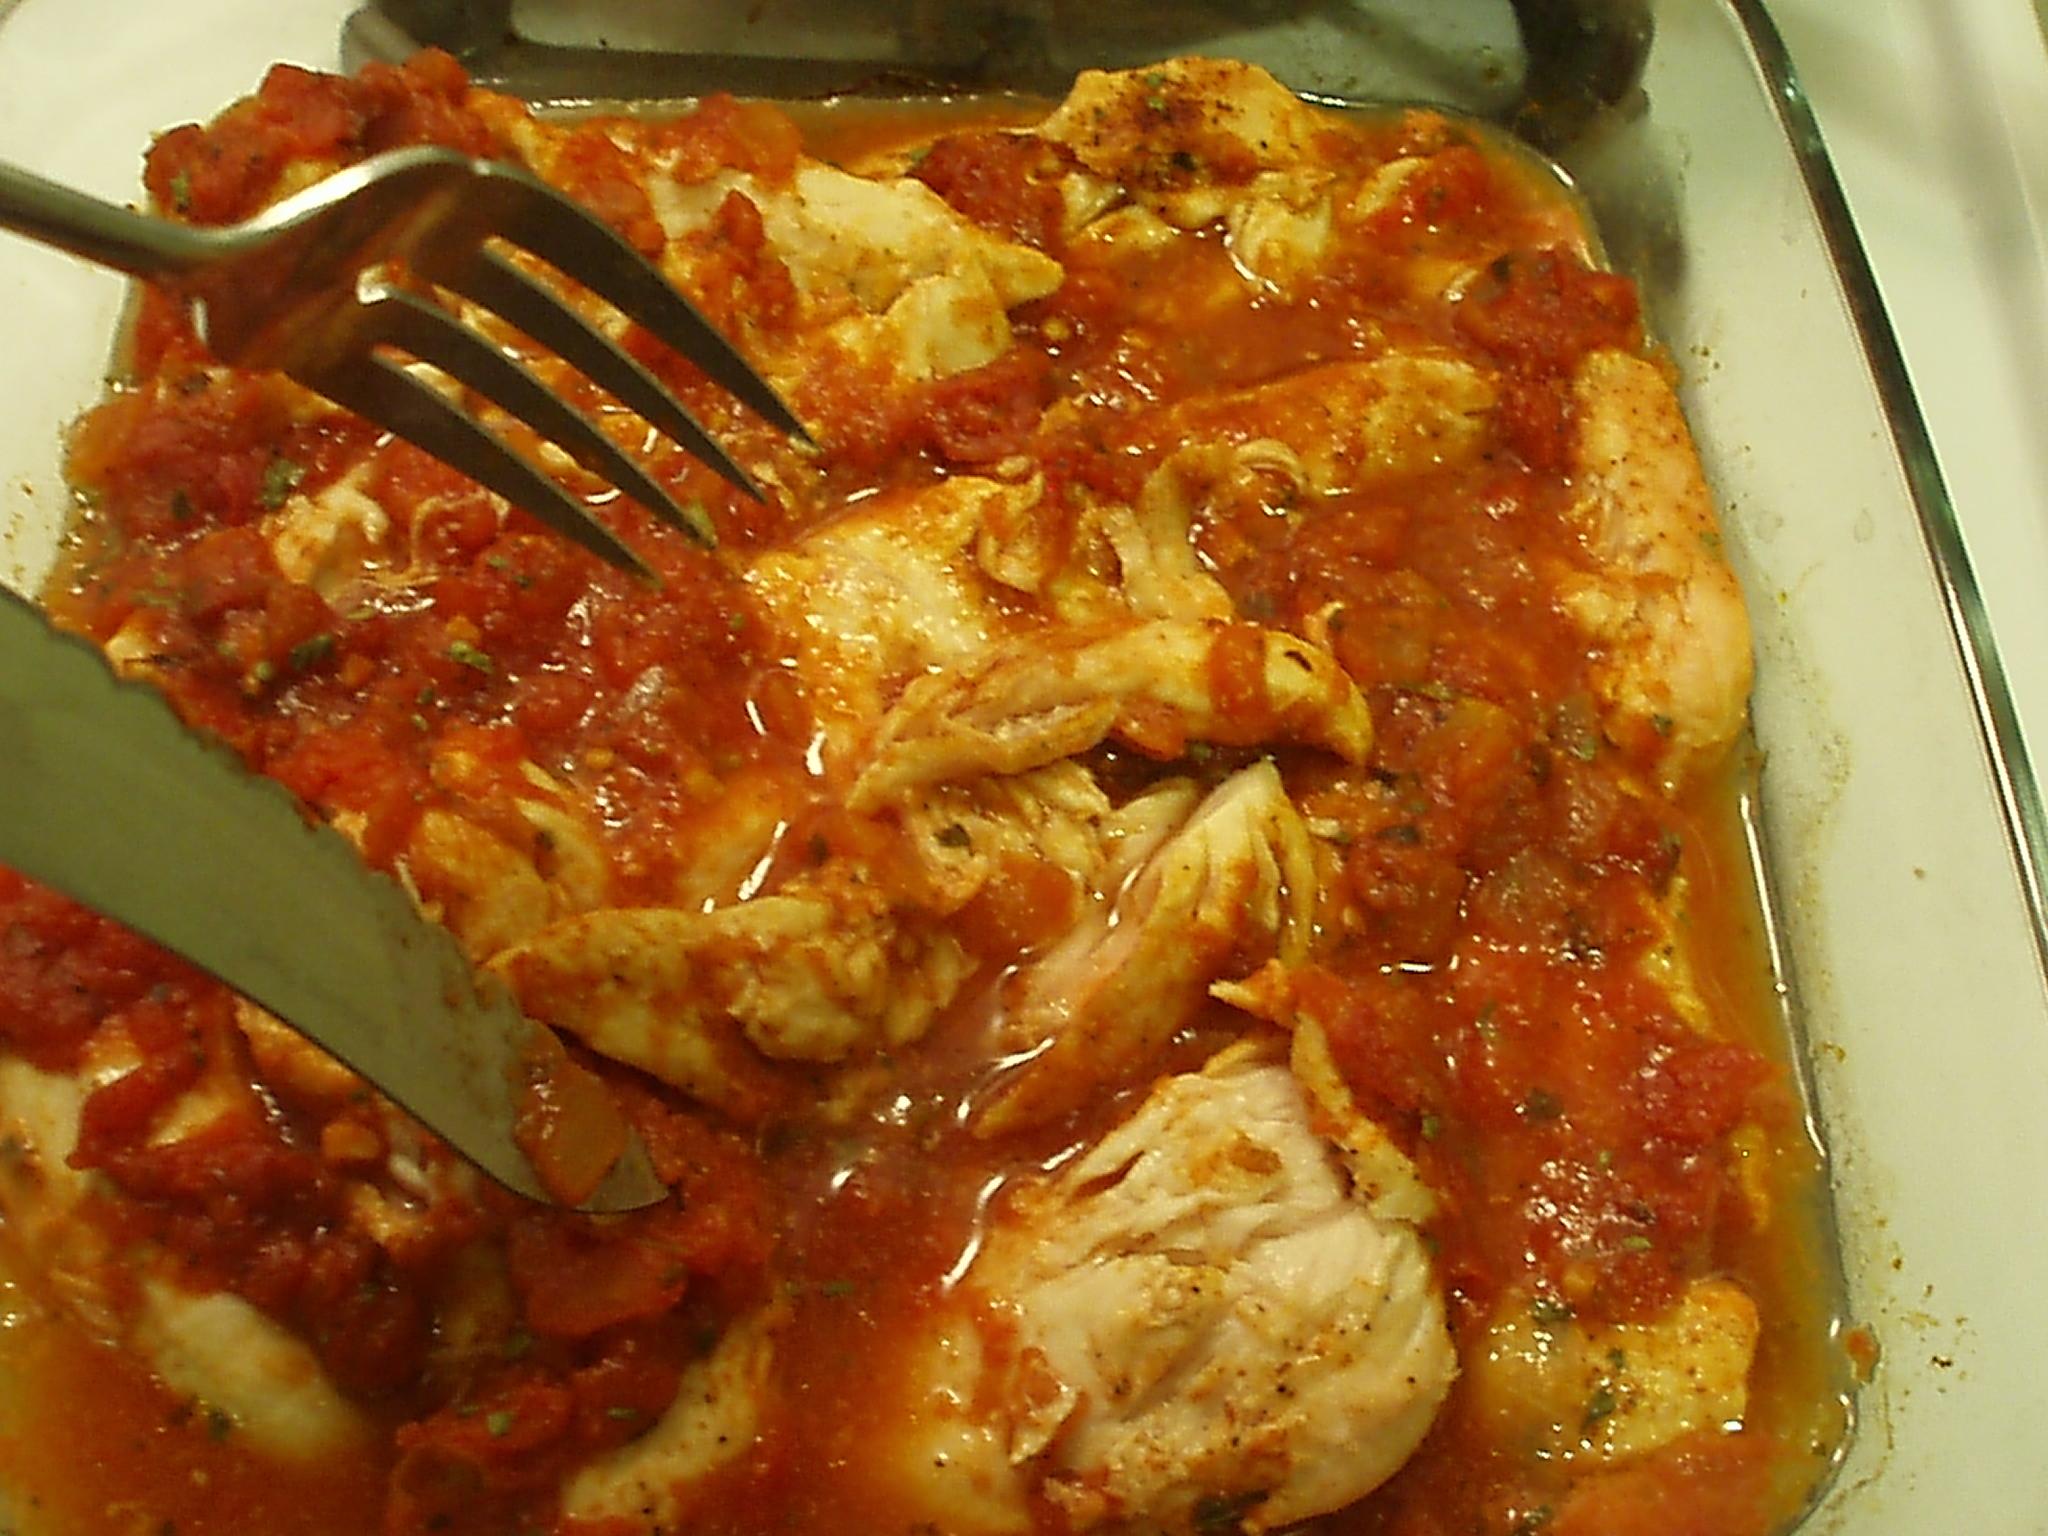 bakedchicken&salsa